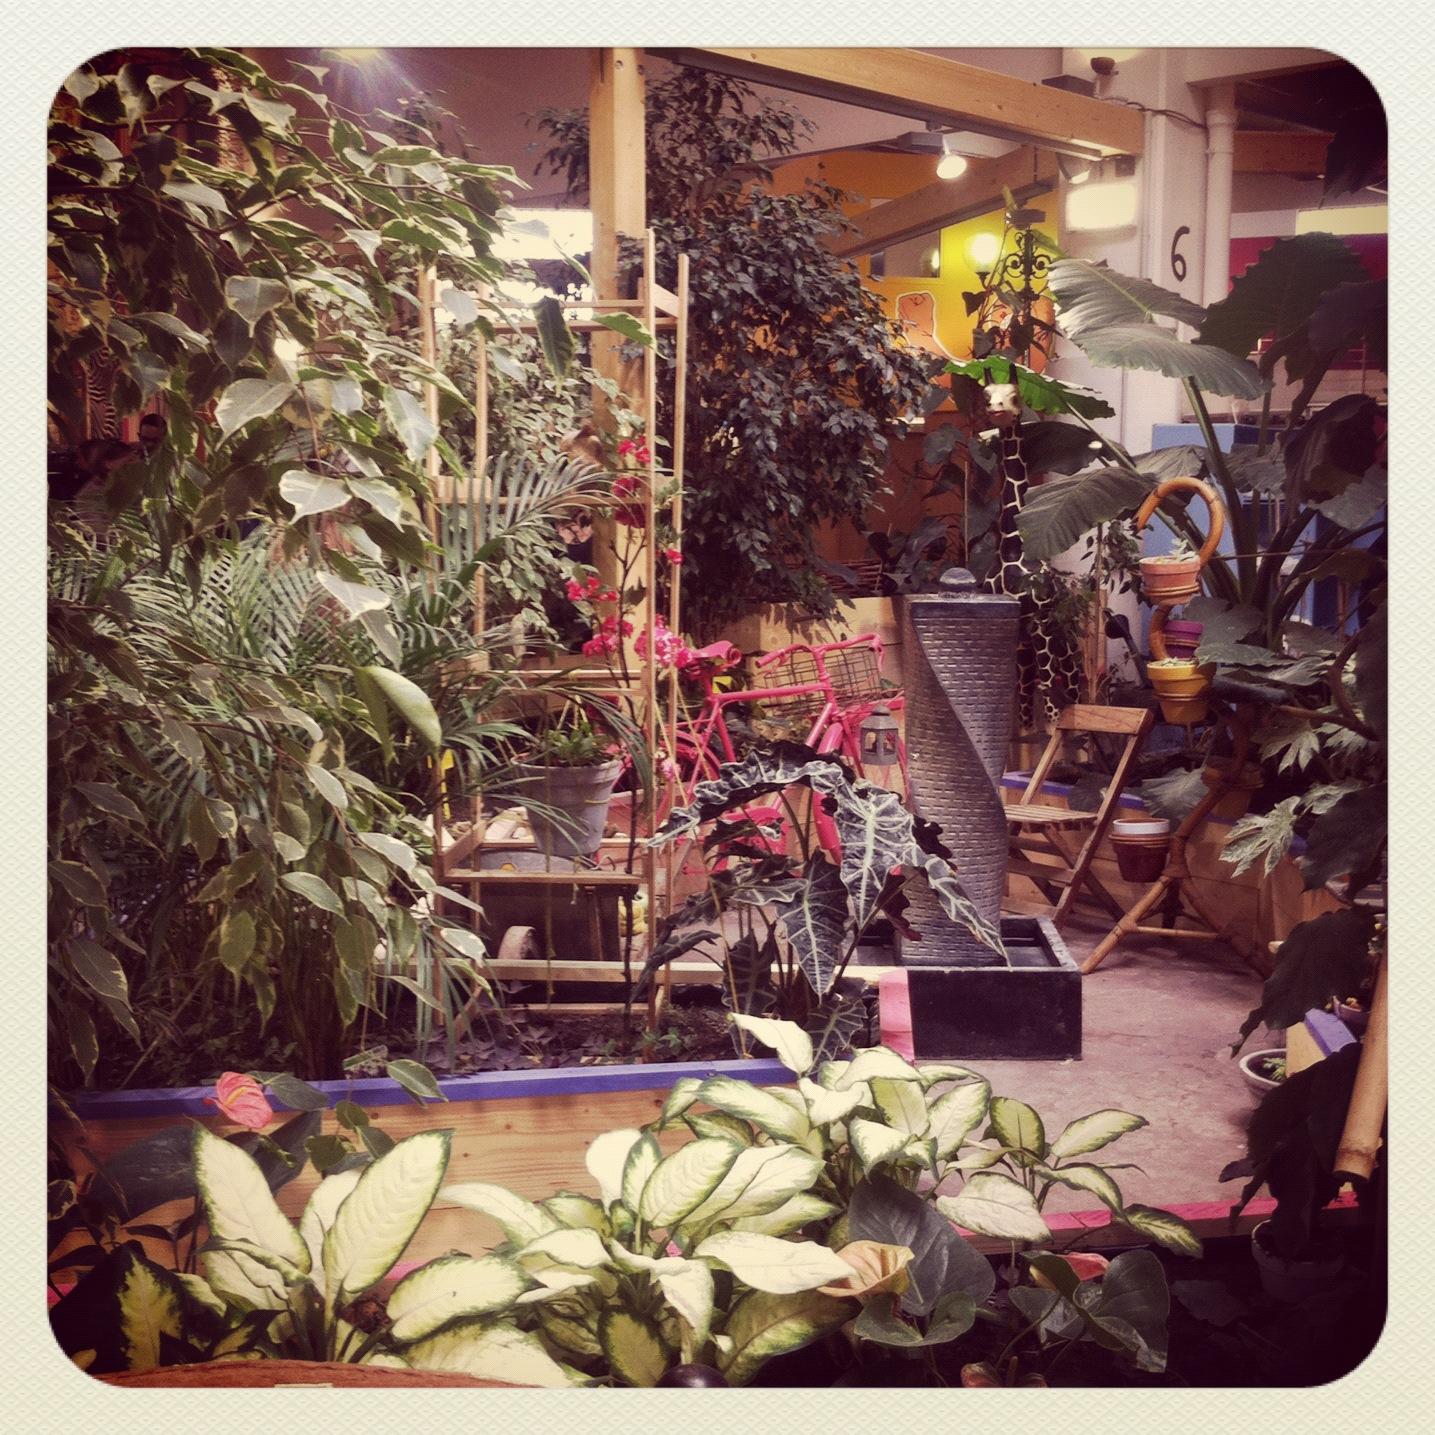 Entre le 104 et le caf cach jeannine paris for 104 rue du jardin paris